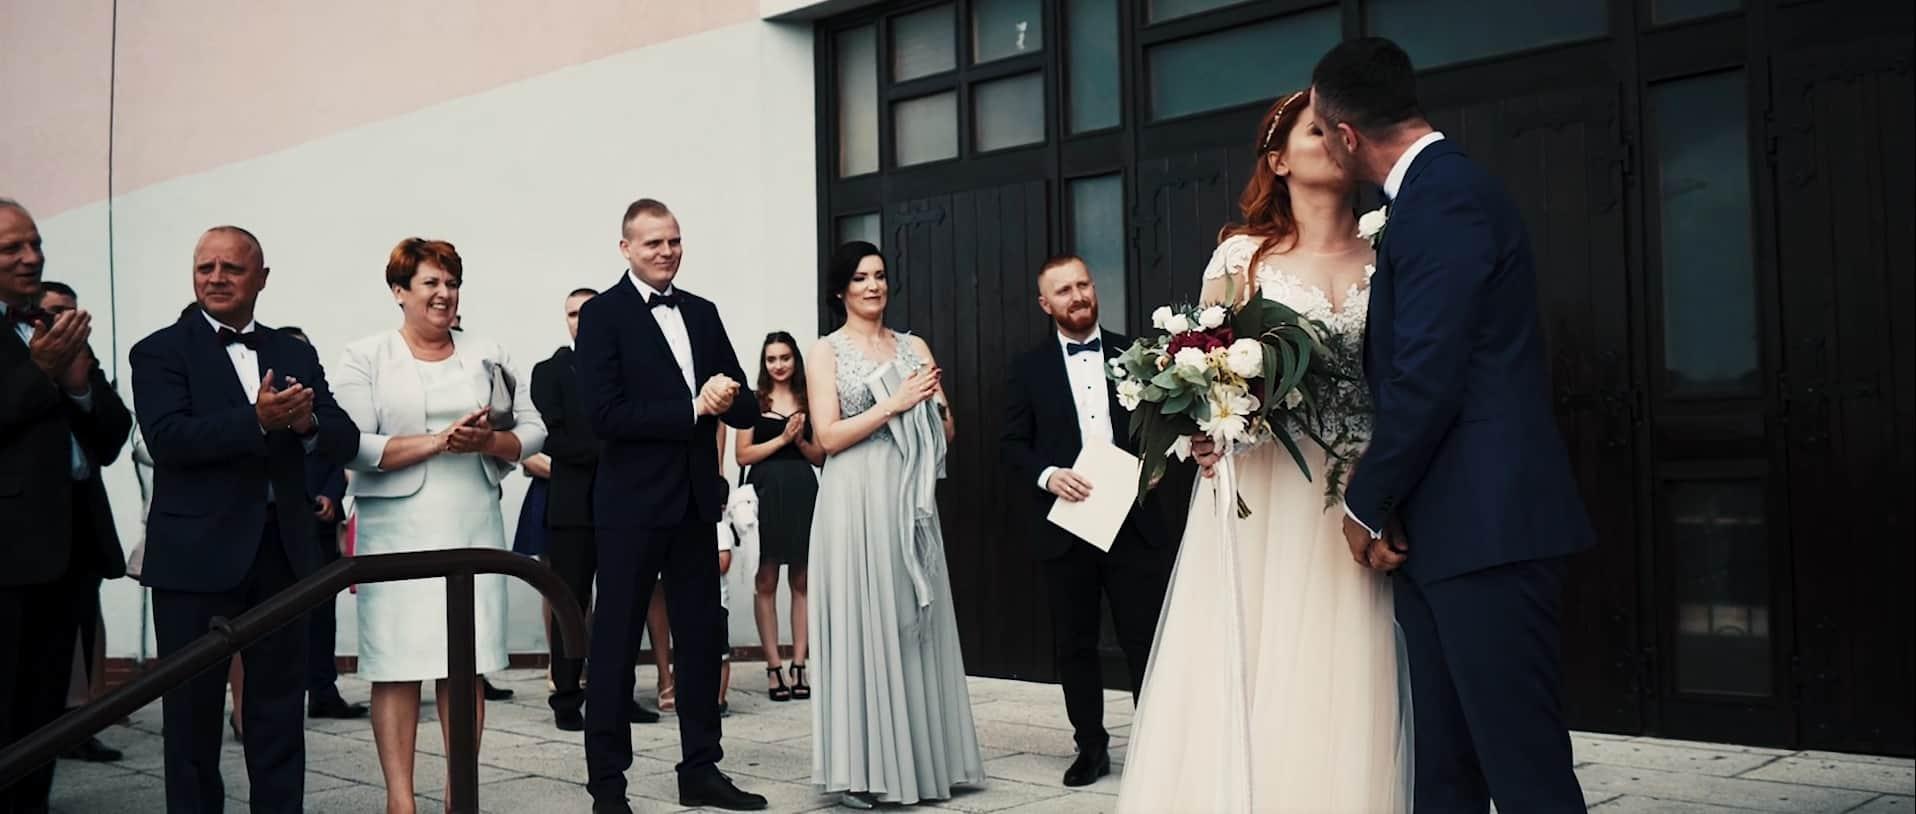 Ewelina I Marcin ślub W Knurowie Film ślubny To Coś Więcej